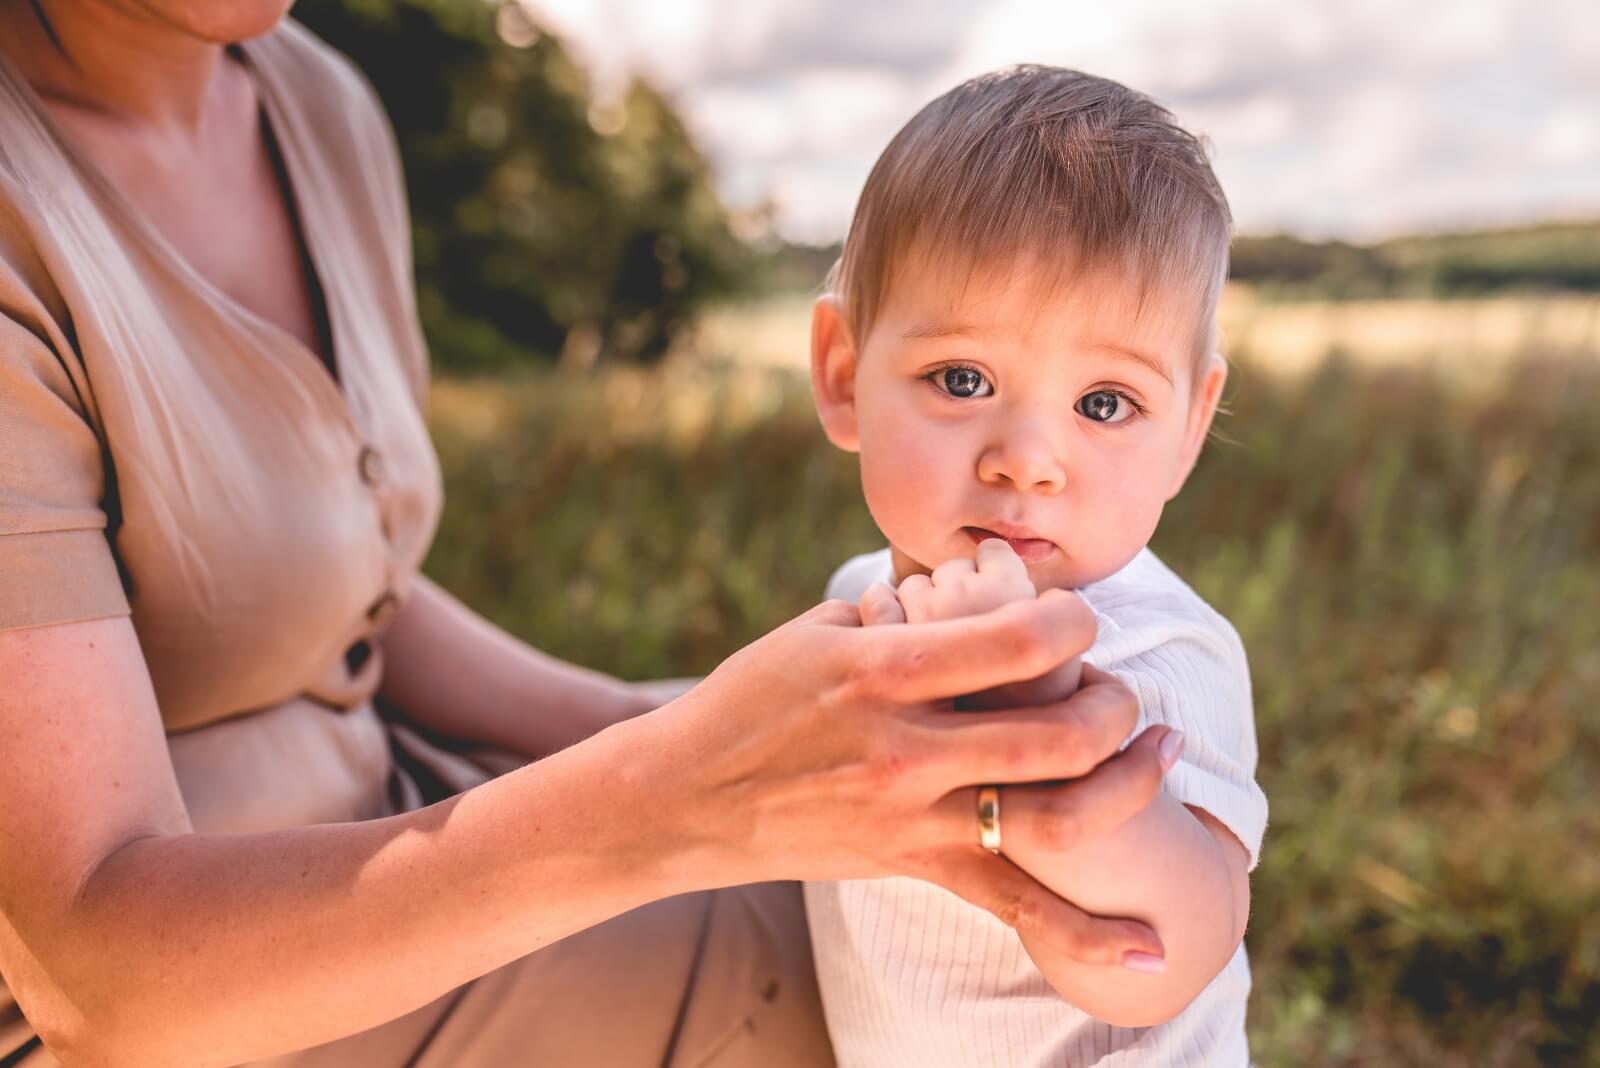 Sesja karmienia piersia 01 08 2020 Marta Trzcinska Fotografia 58 - Sesje rodzinne